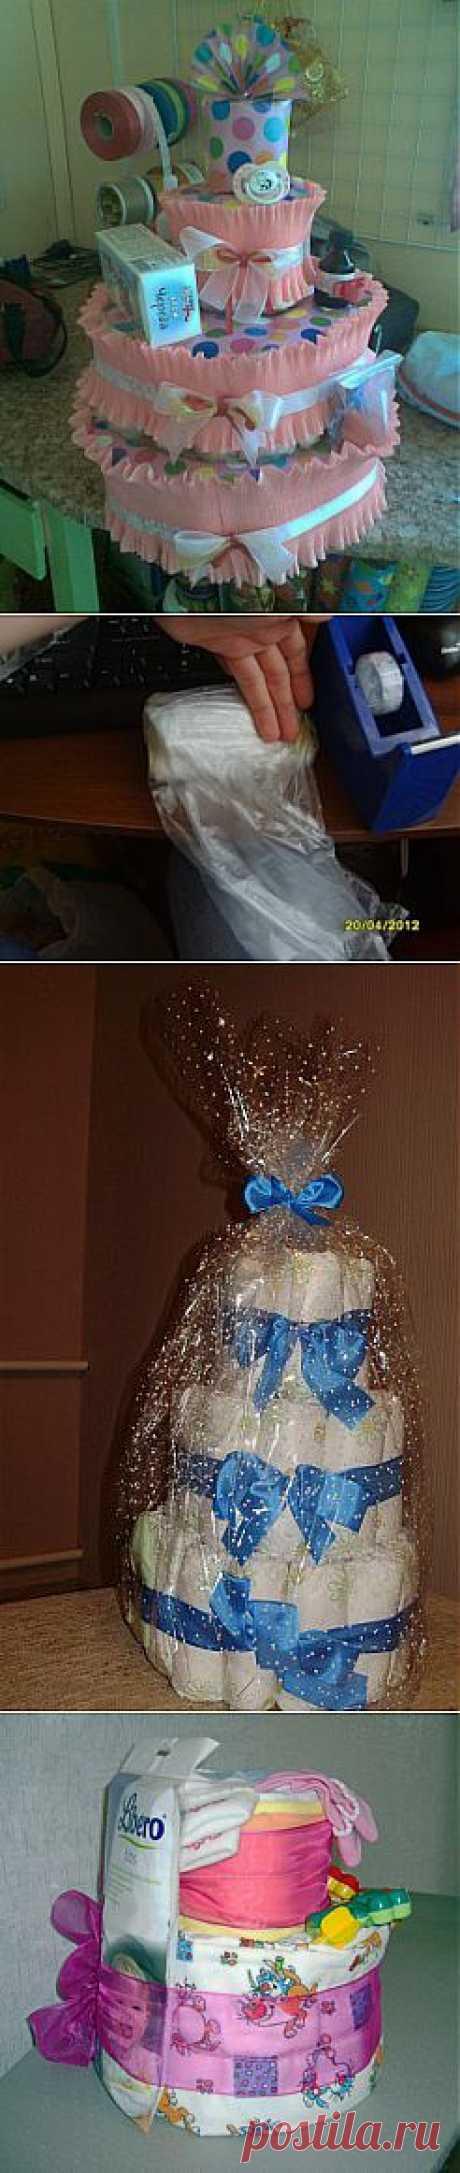 Торты из памперсов для новорожденных » Подарки для детей » Подарки и праздники » Форум - подарки своими руками на все случаи жизни